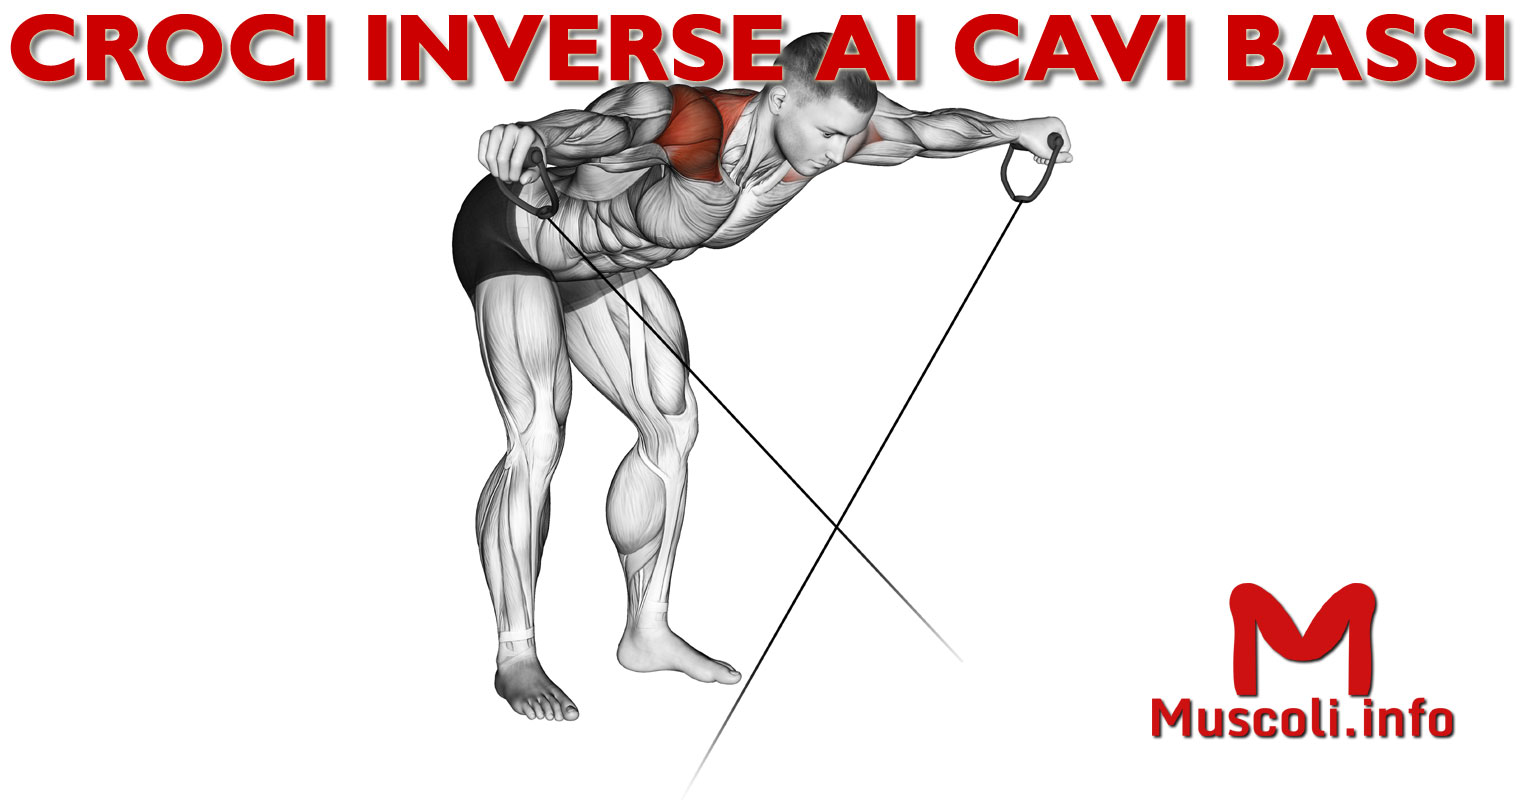 fe6f0062c Croci inverse o alzate laterali ai cavi bassi in piedi con busto a 90° -  esercizio per deltoidi posteriori e dorsali - 💪 Muscoli.info